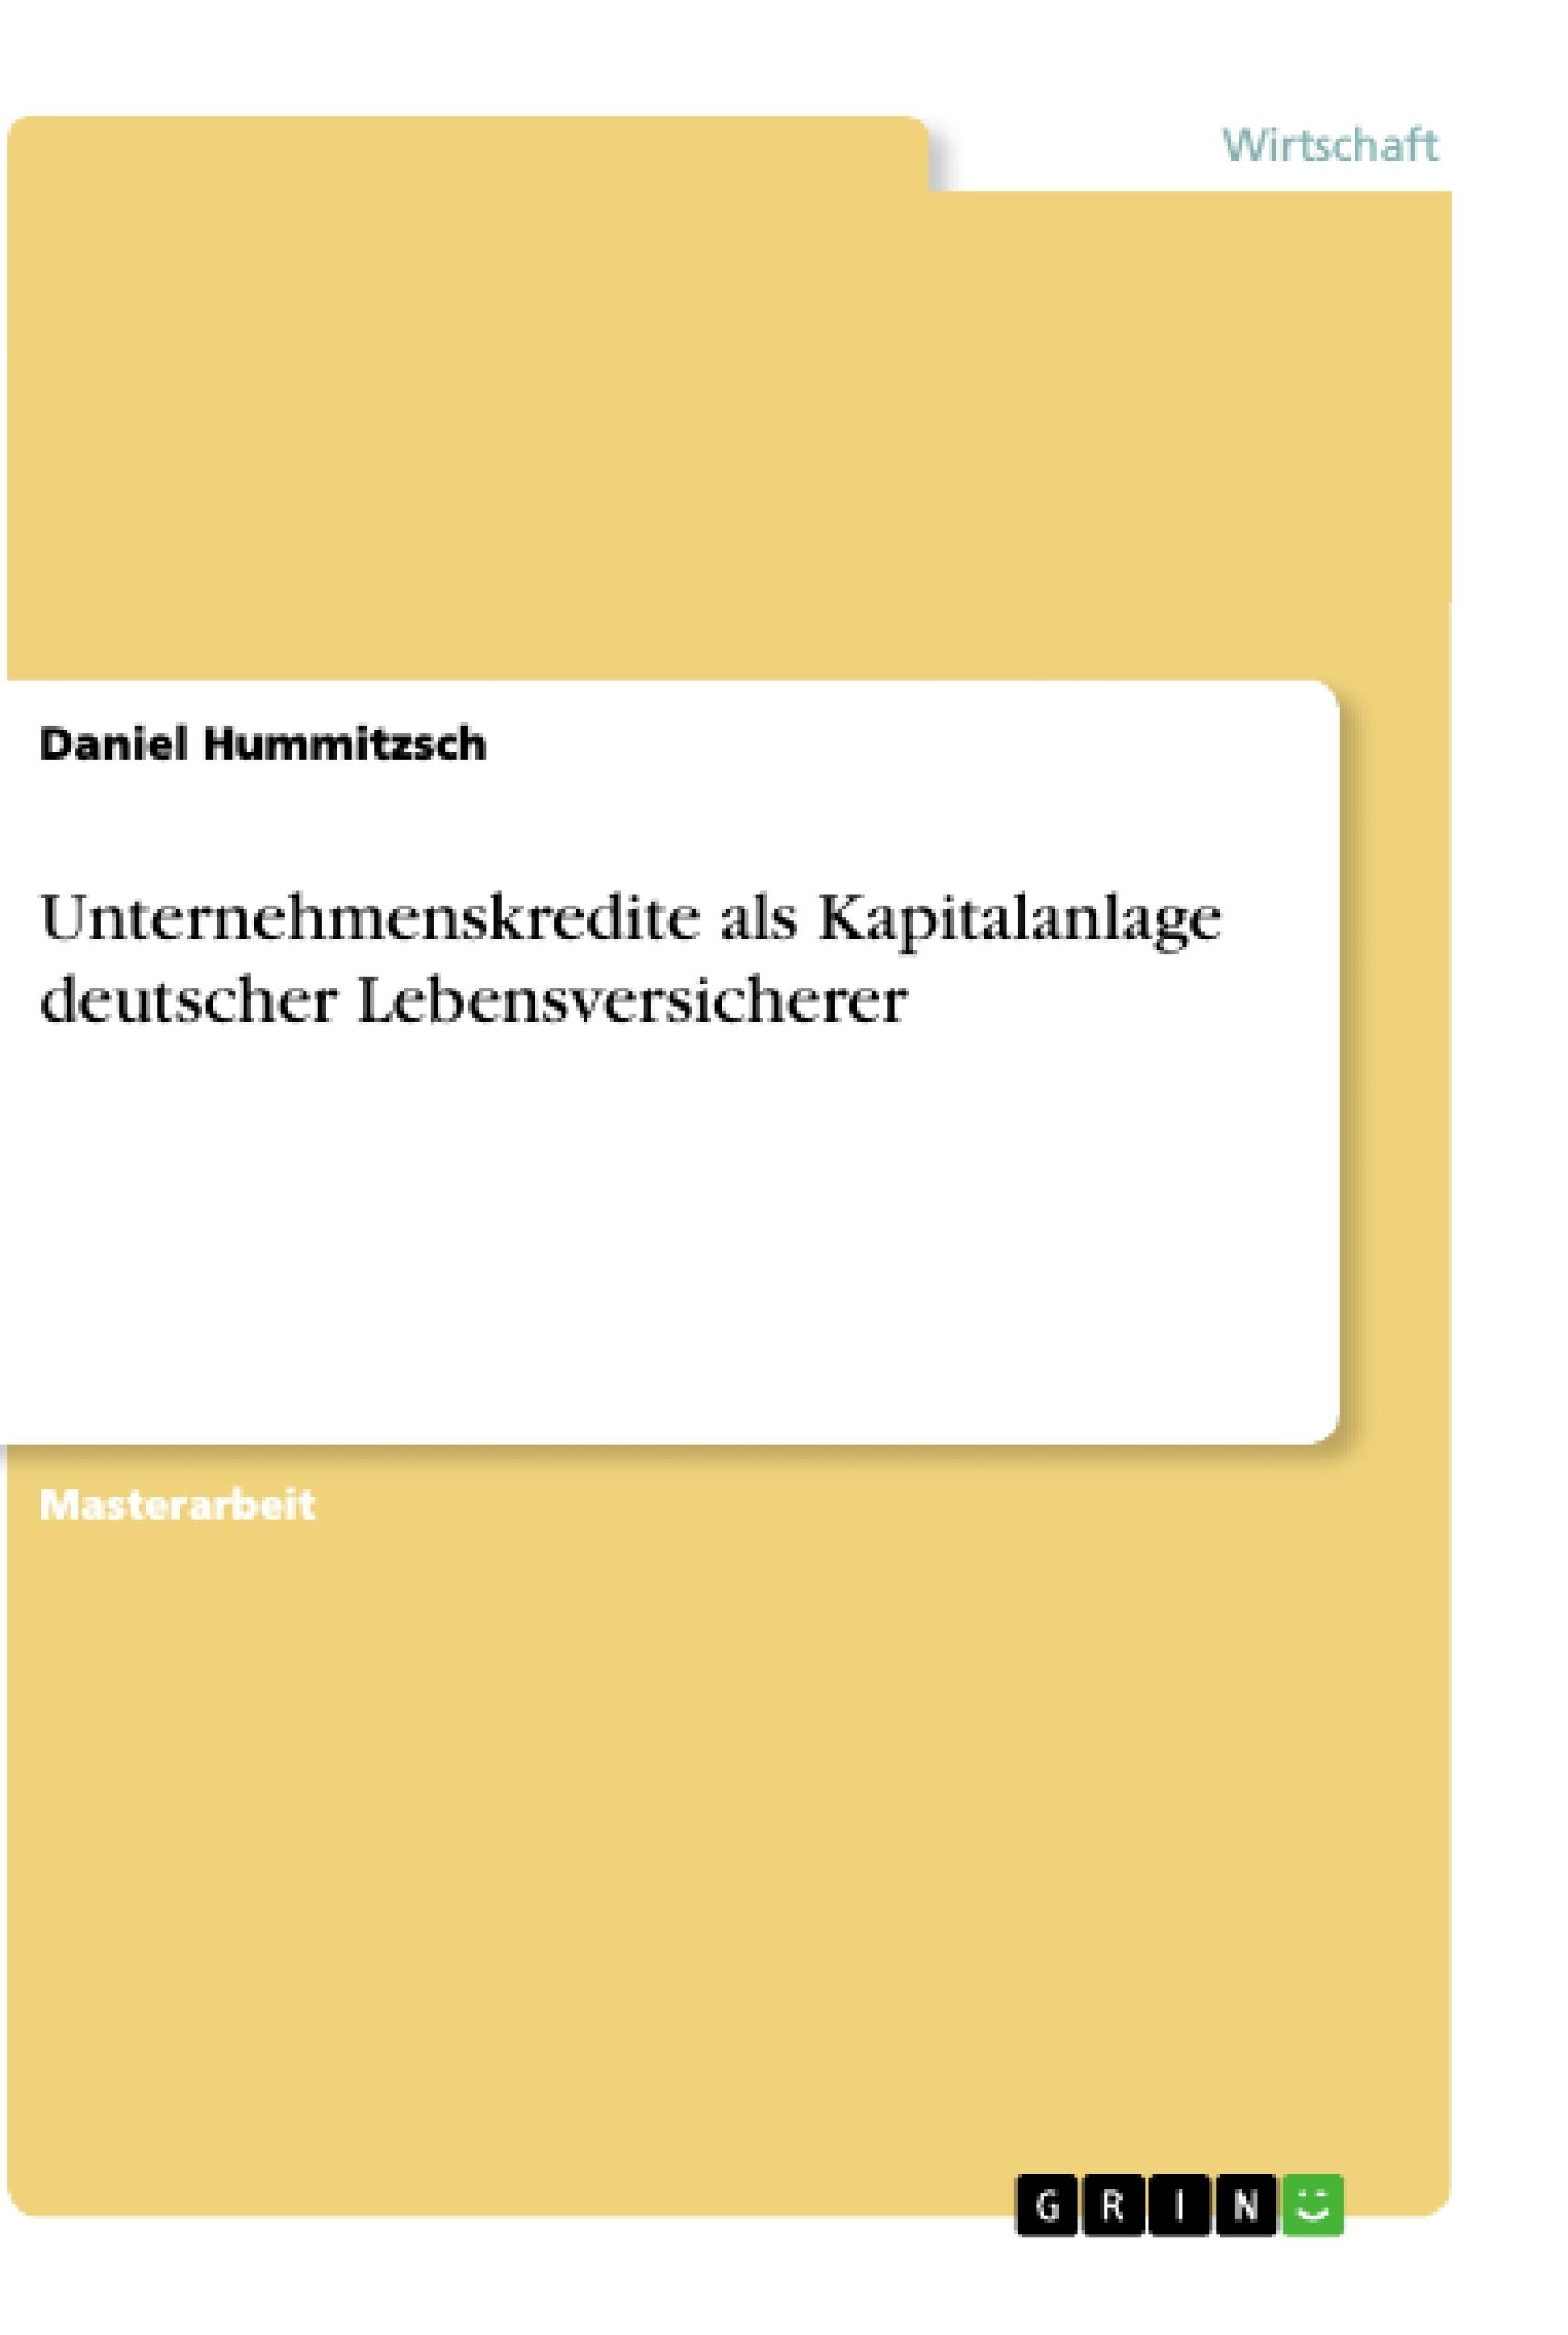 Titel: Unternehmenskredite als Kapitalanlage deutscher Lebensversicherer